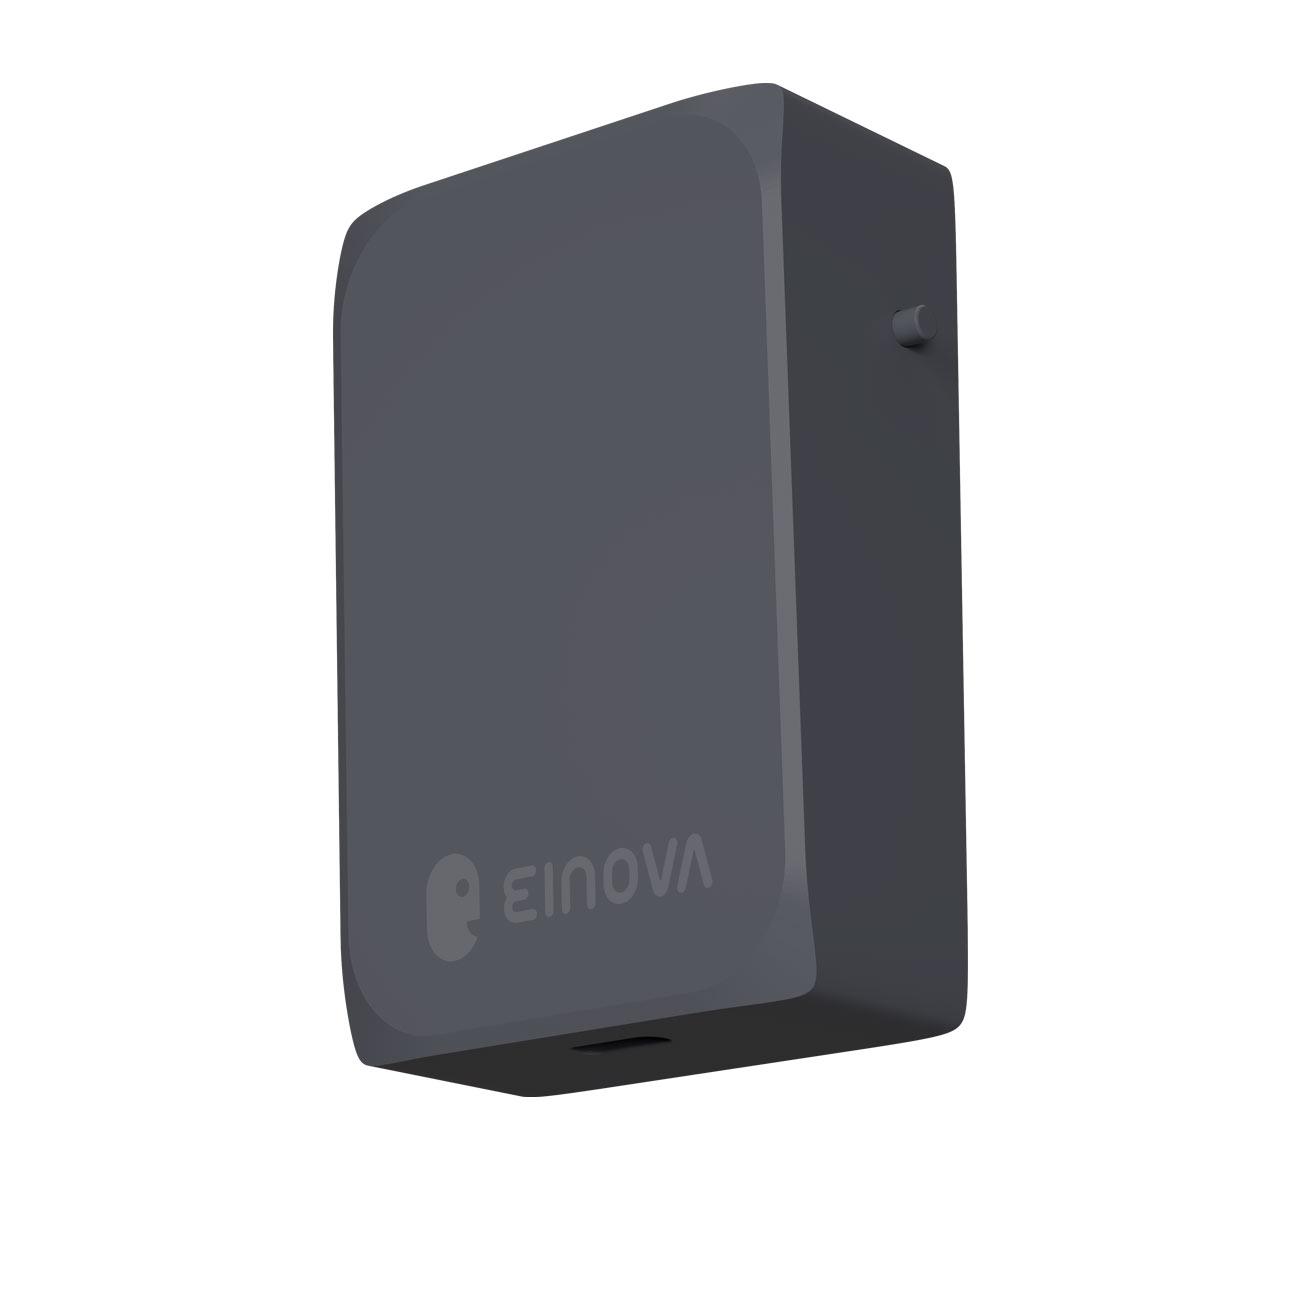 Sirius 65W Universal Laptop Charger White - Einova